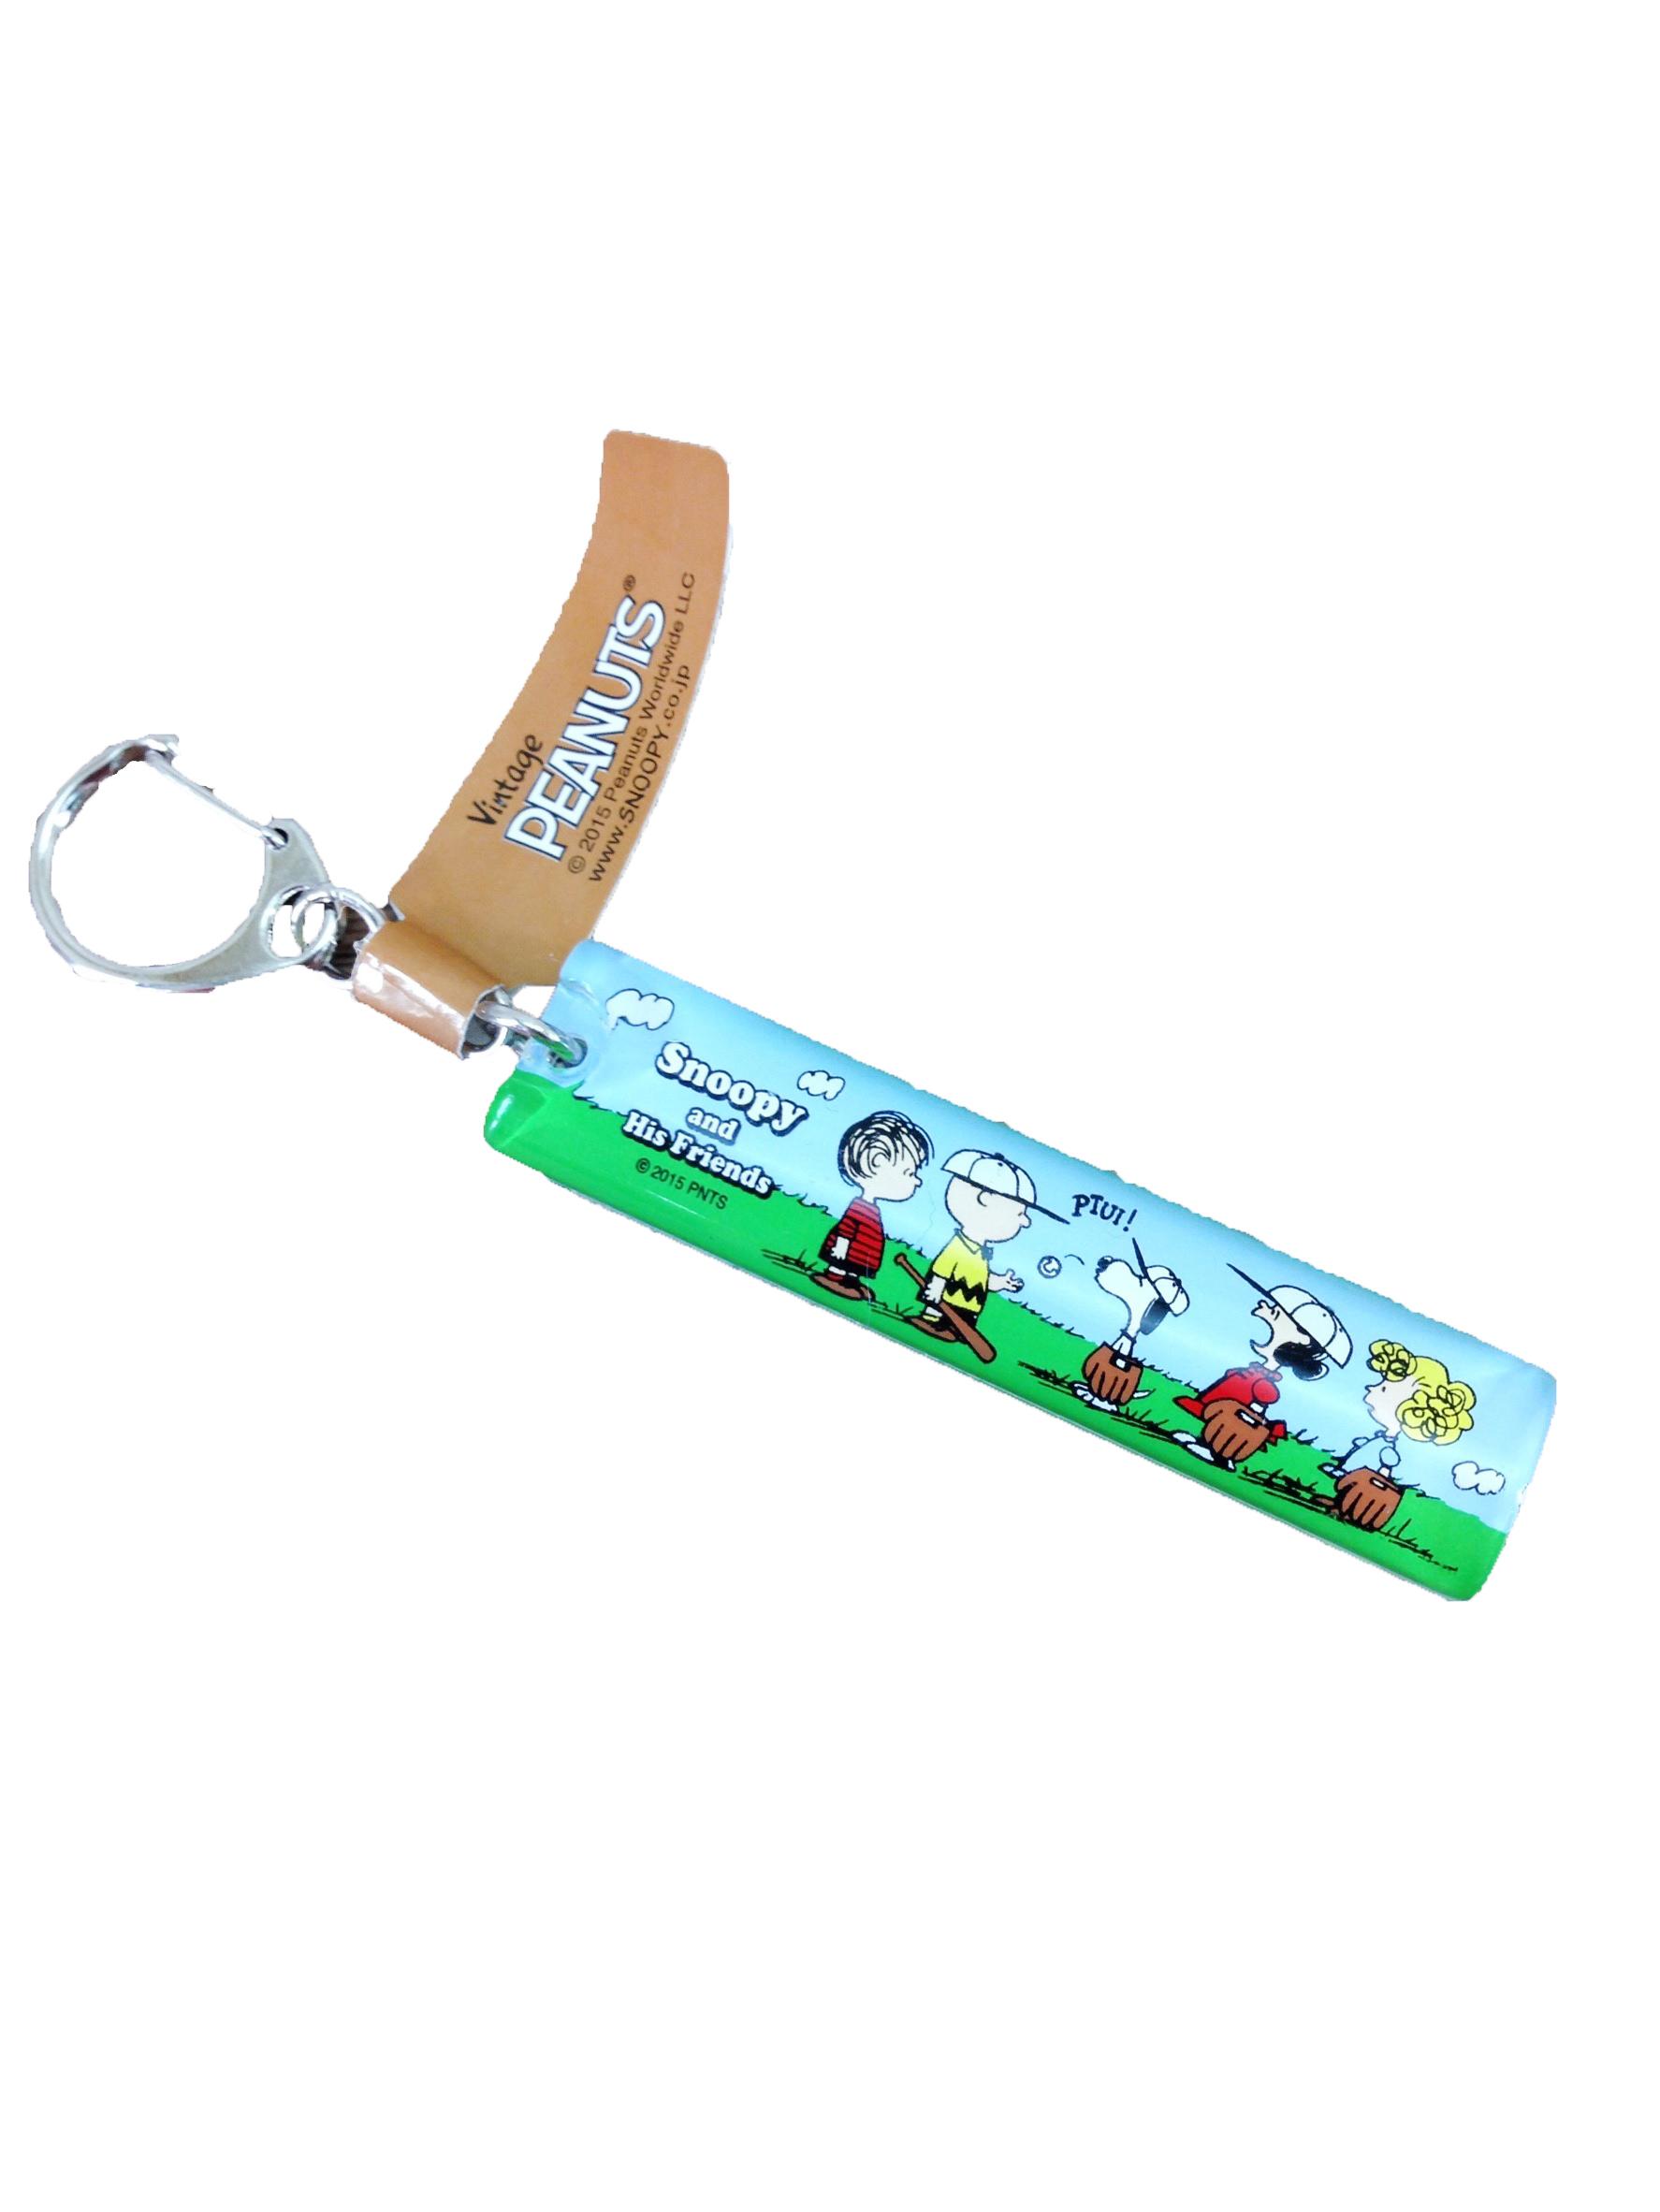 【真愛日本】16051100053壓克力橢圓鎖圈-棒球草地綠  史努比 SNOOPY  吊飾 鑰匙圈 飾品 正品 限量 預購